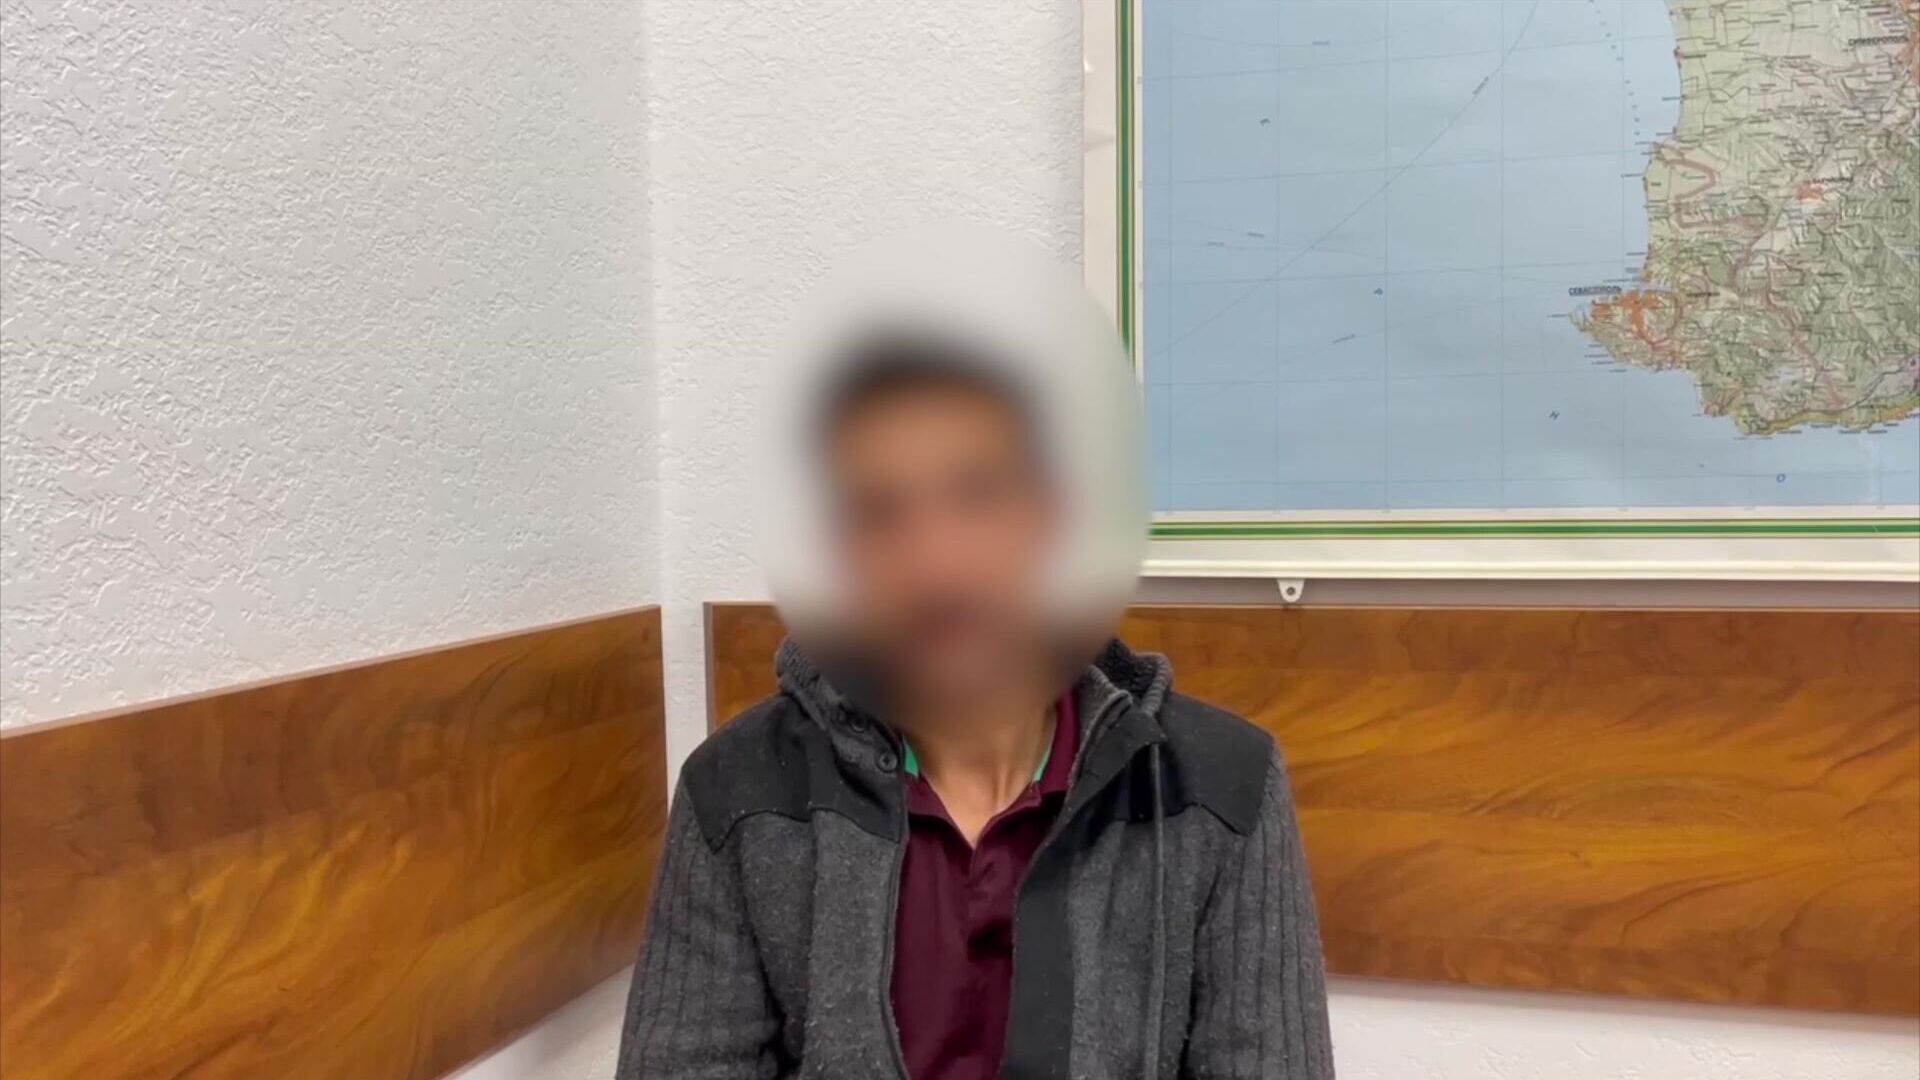 Житель Республики Крым Азиз Ахметов, задержанный в ходе оперативно-разыскных действий по подозрению в подрыве 23 августа 2021 года участка газопровода в Крыму - РИА Новости, 1920, 15.09.2021